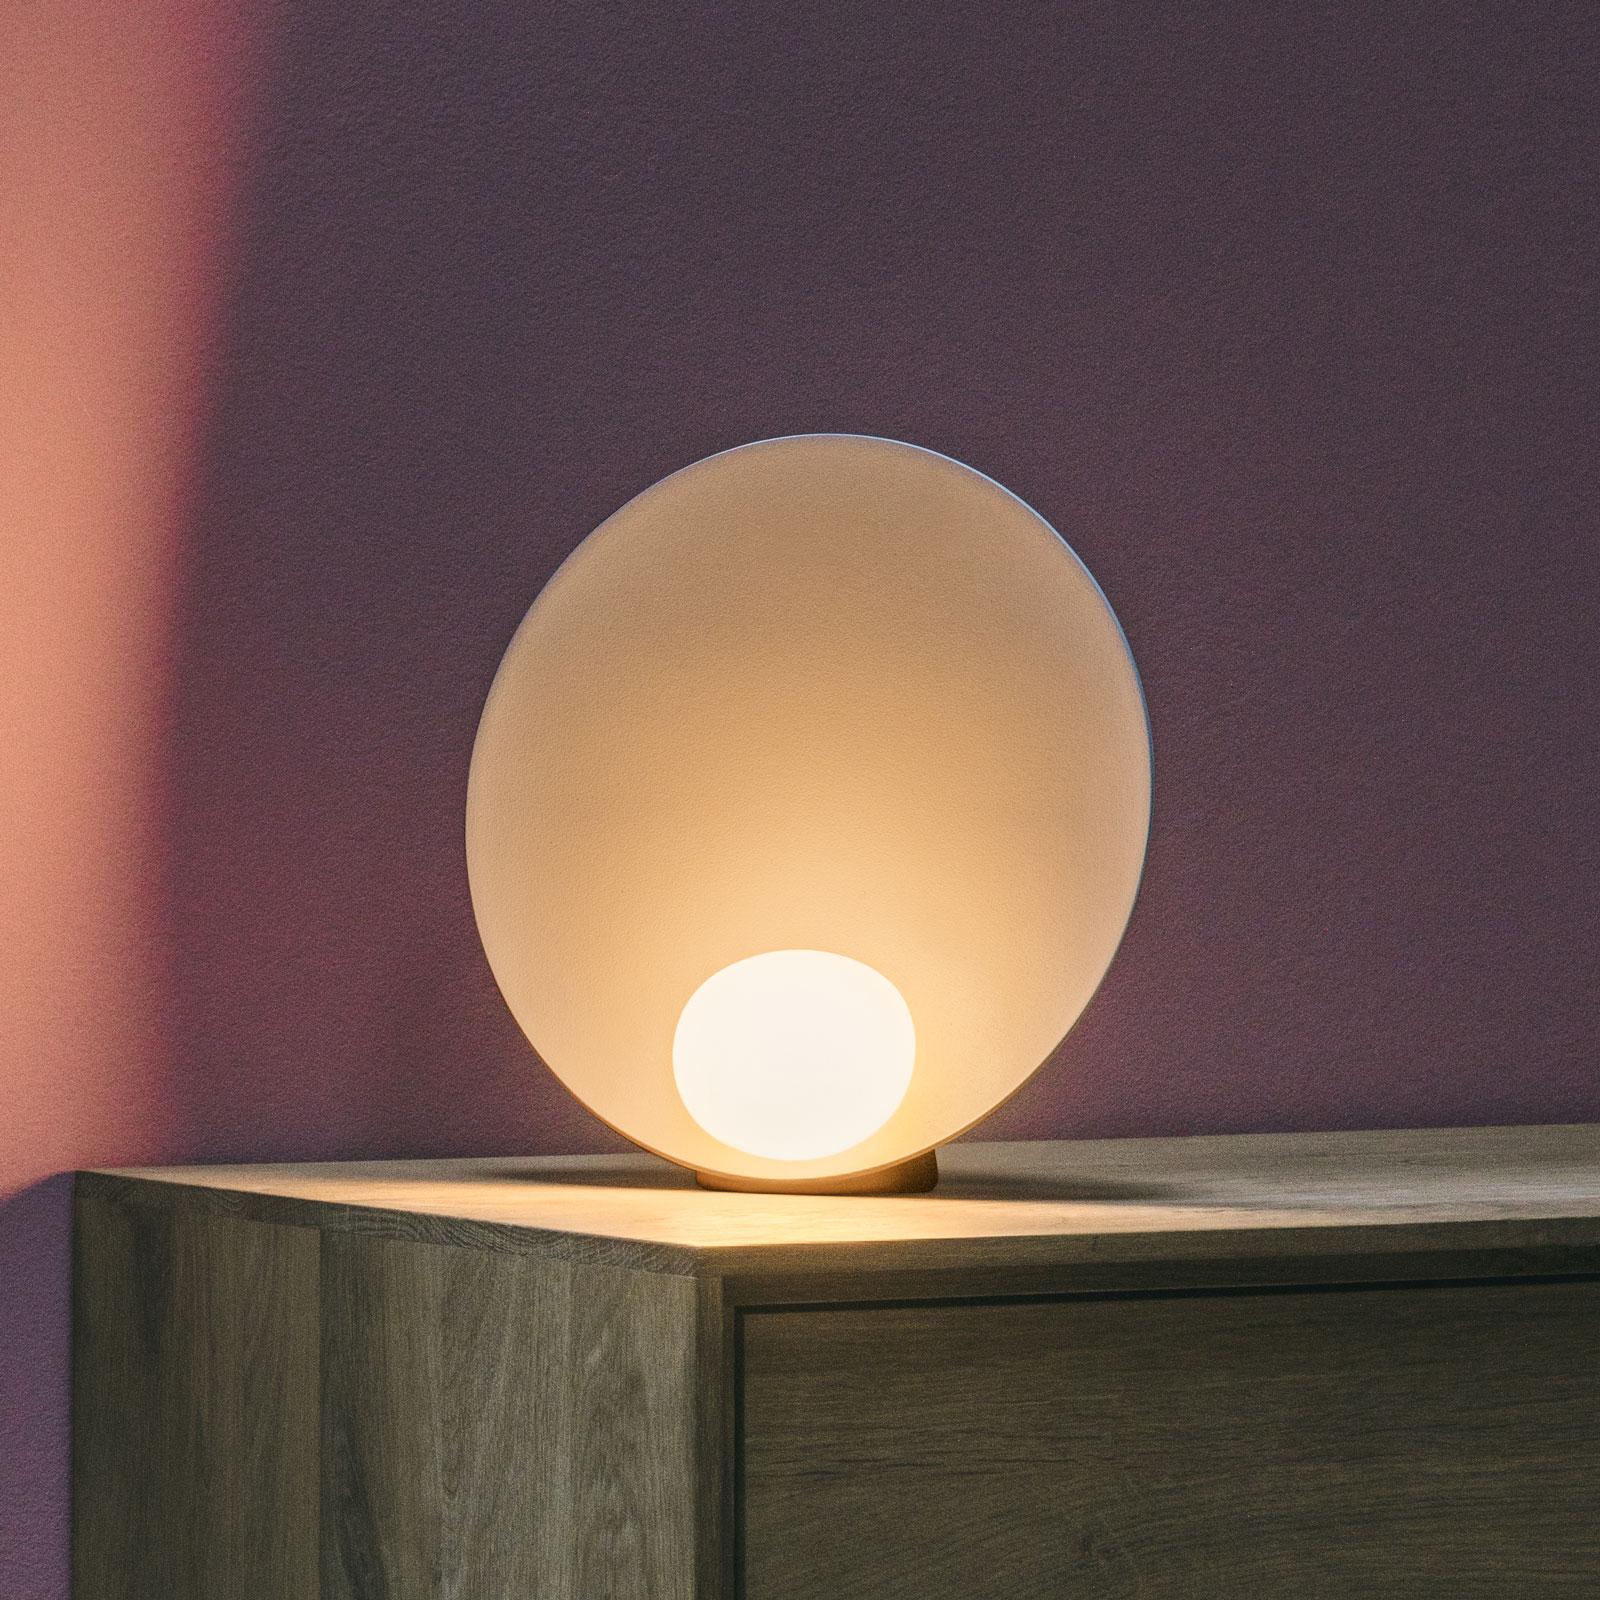 Vibia Musa 7400 lampe à poser LED debout, saumon